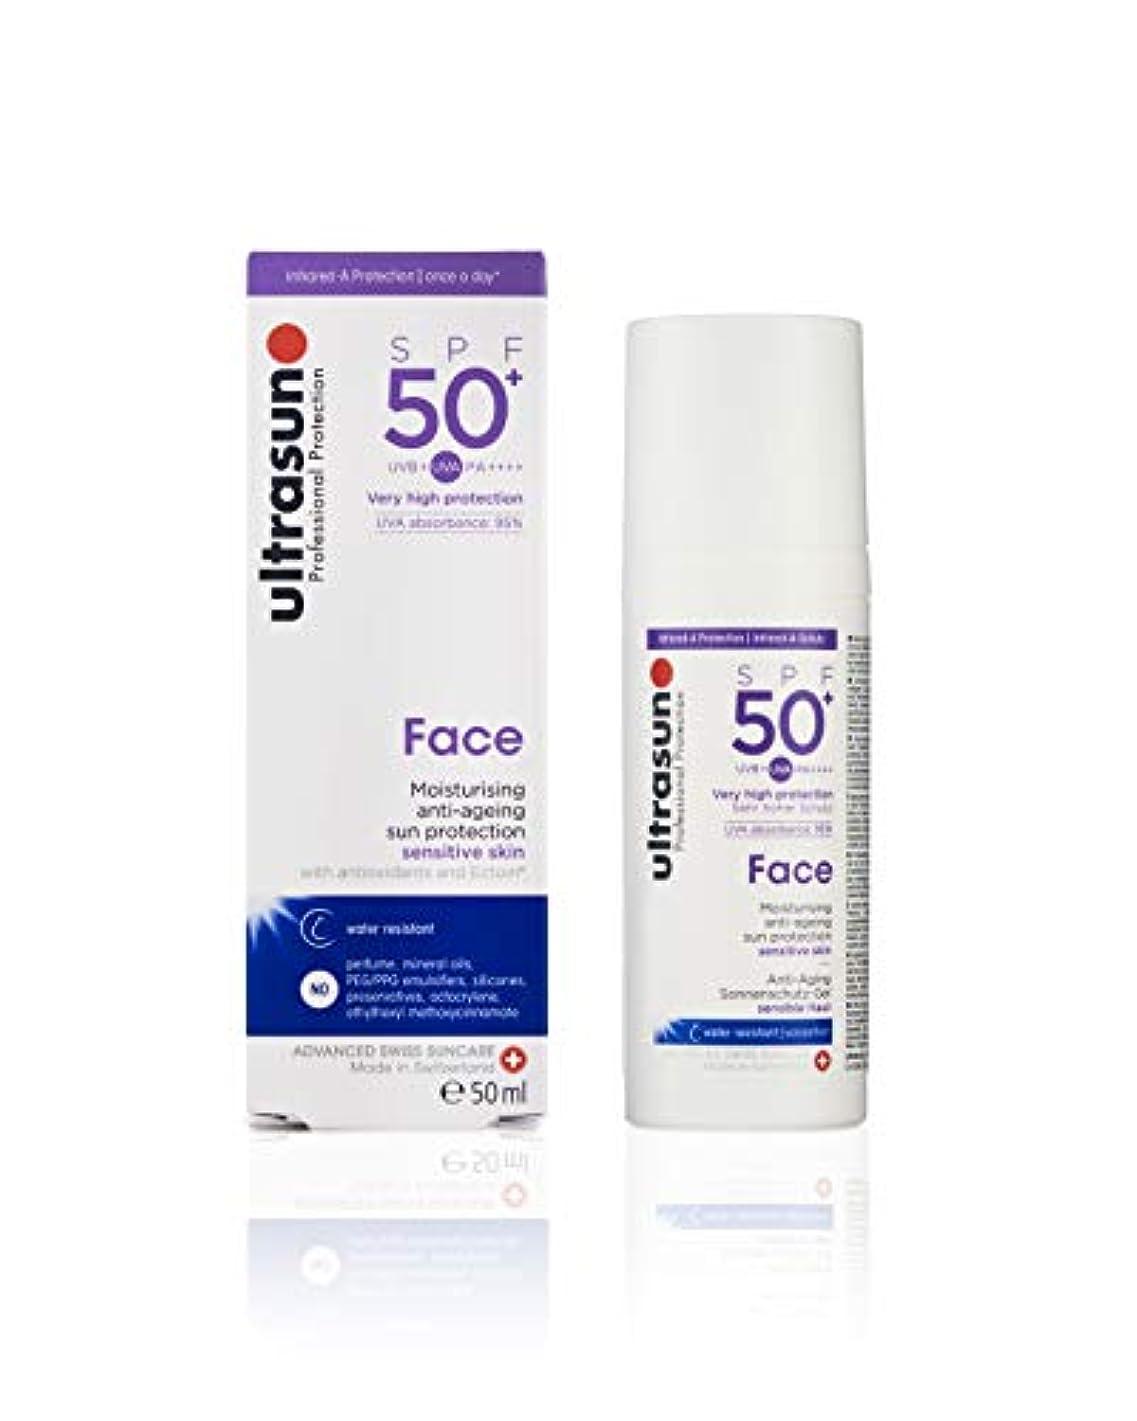 レッドデート達成可能有能なアルトラサン 日やけ止めクリーム フェイス UV 敏感肌用 SPF50+ PA++++ トリプルプロテクション 50mL